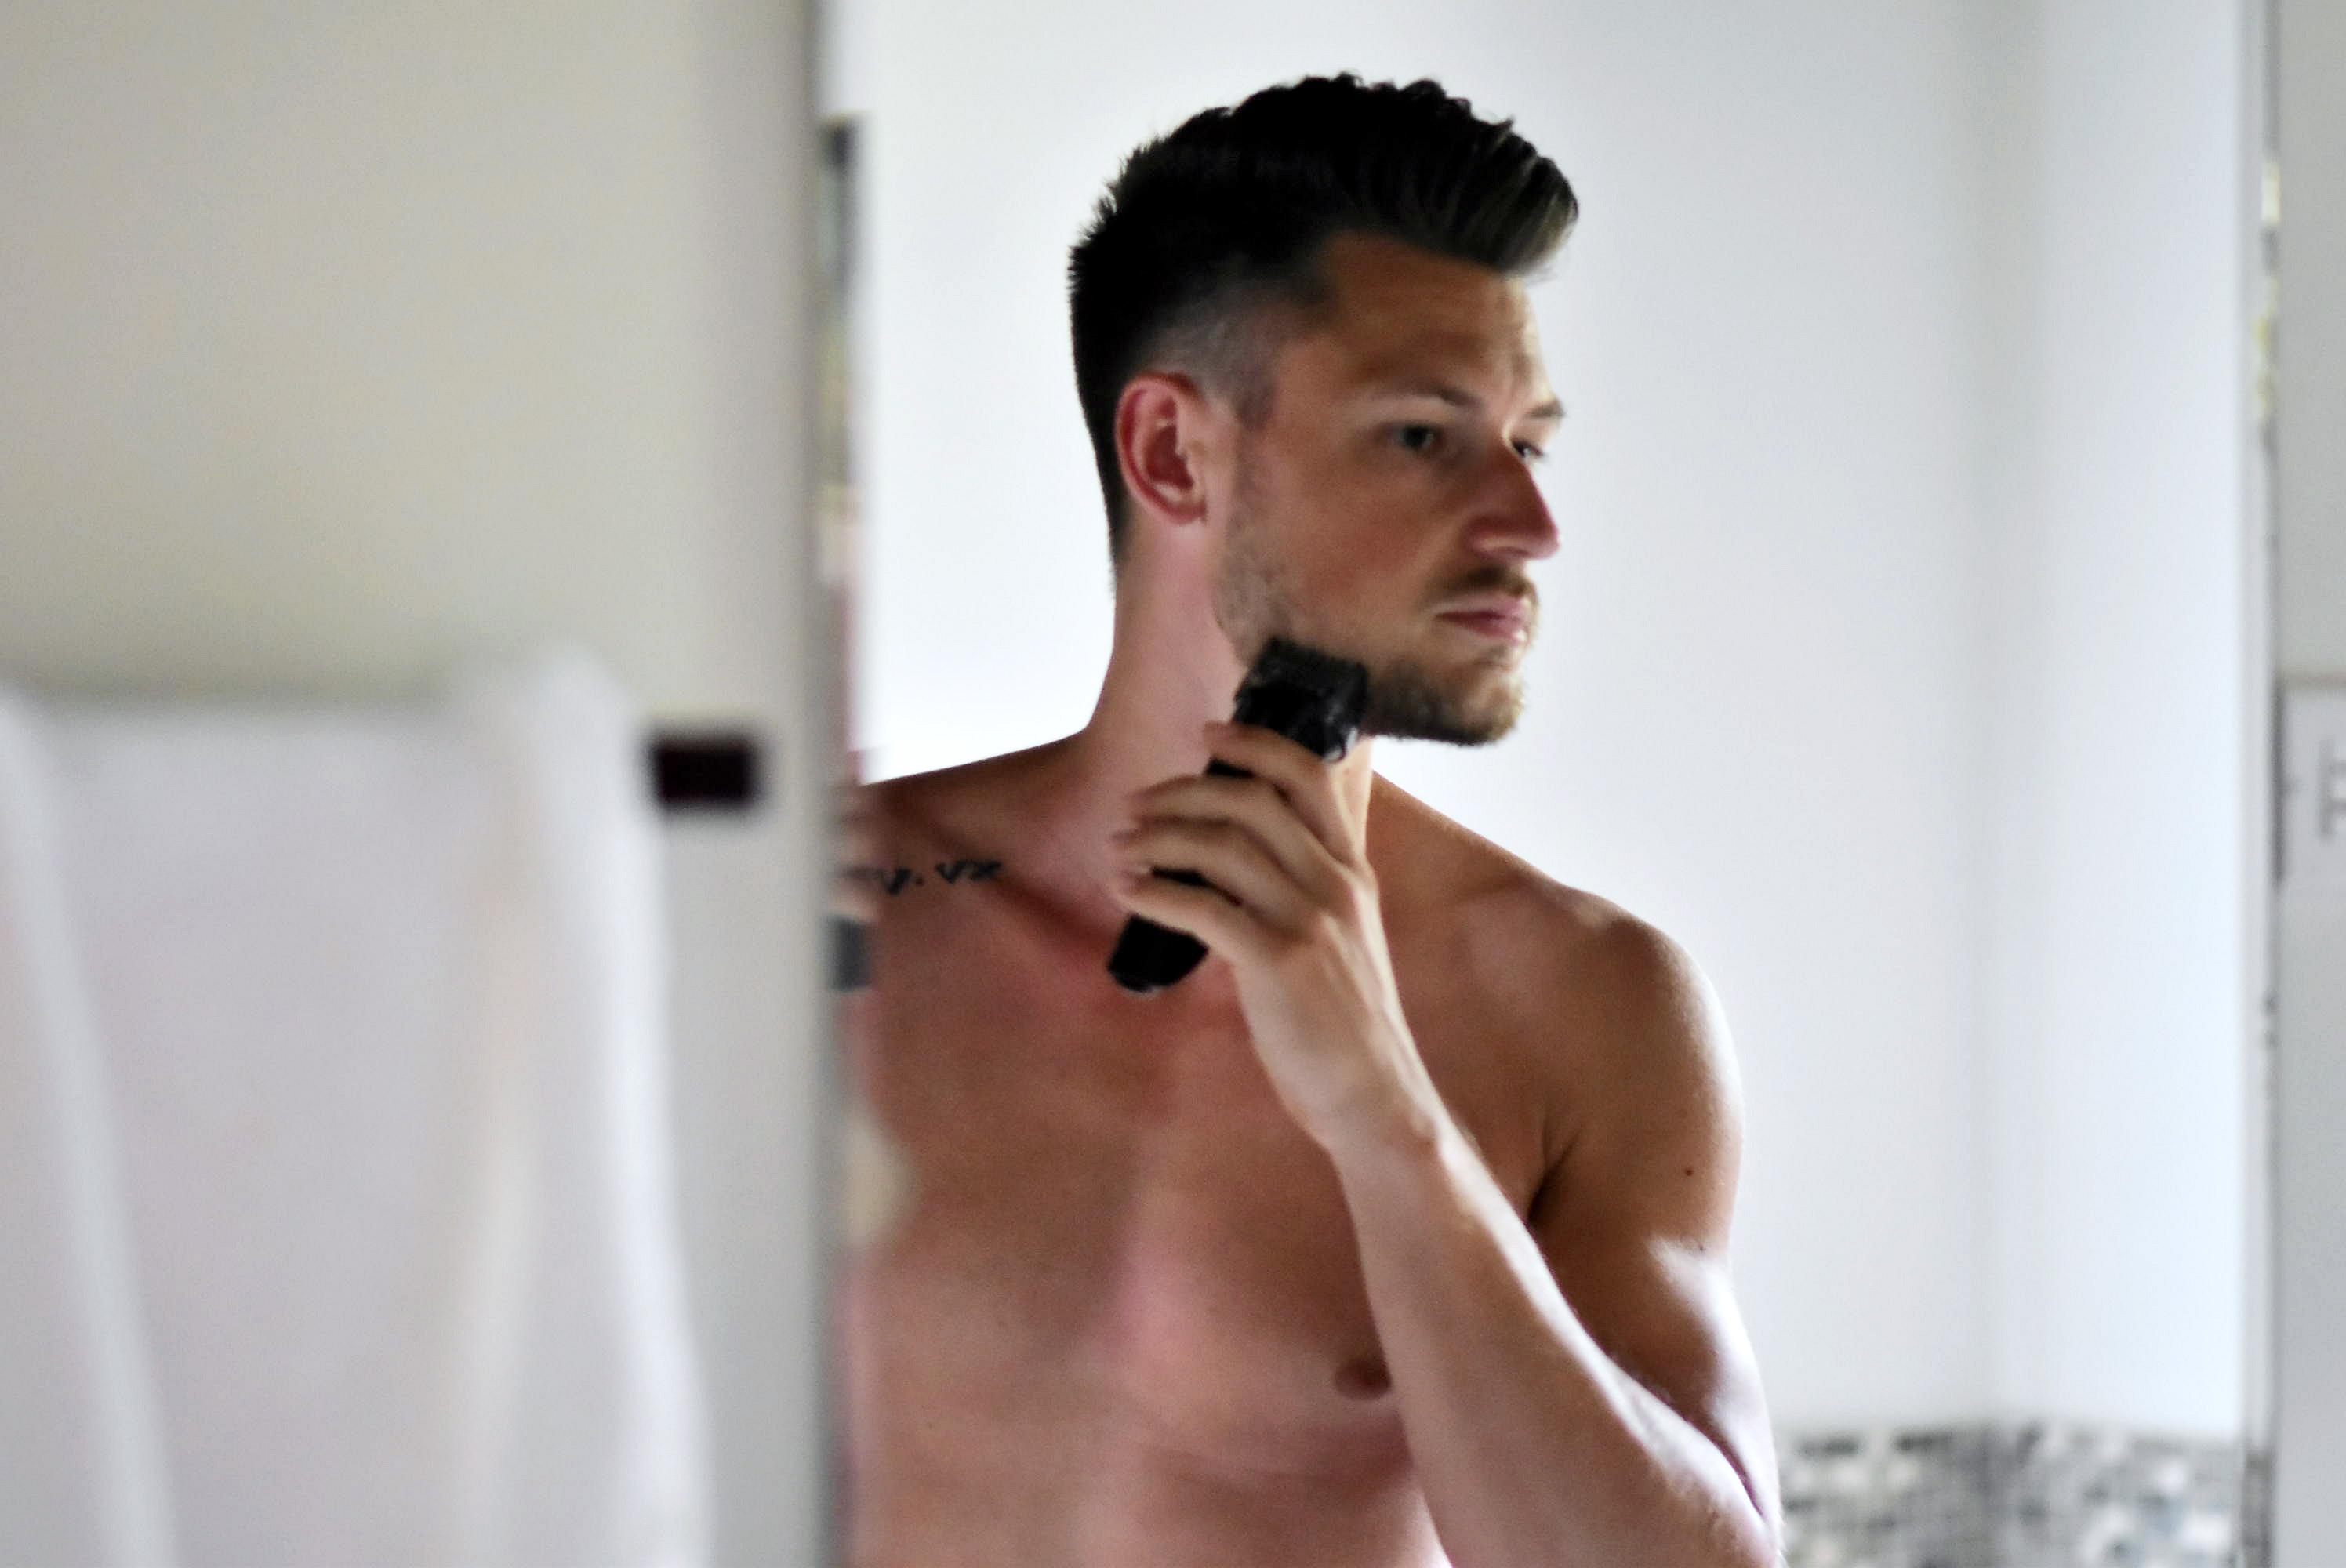 Tommeezjerry-Styleblog-Männerblog-Modeblog-Berlin-Berlinblog-Grooming-Pflege-Gillette-Rasierer-Rasierroutine-Rasurgewohnheiten-1